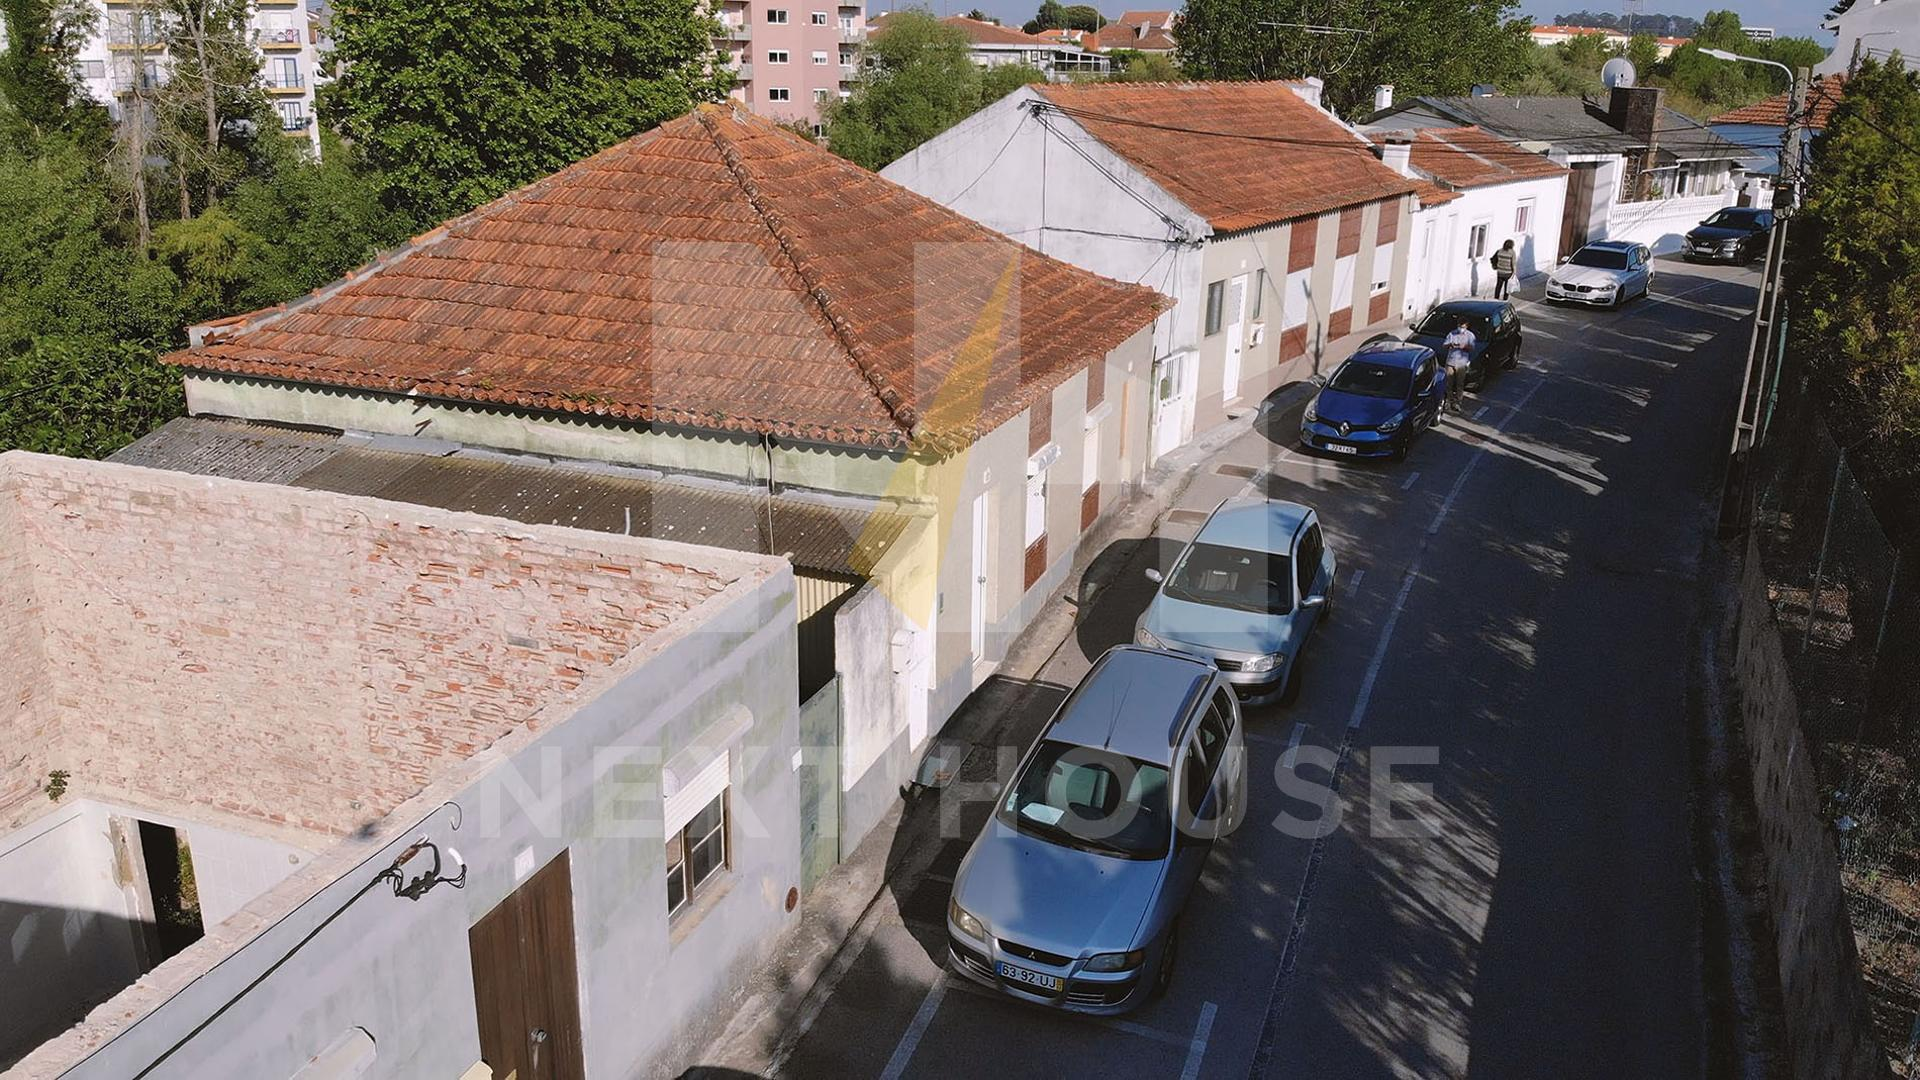 Oportunidade_2 min UA  - Aveiro, Aradas